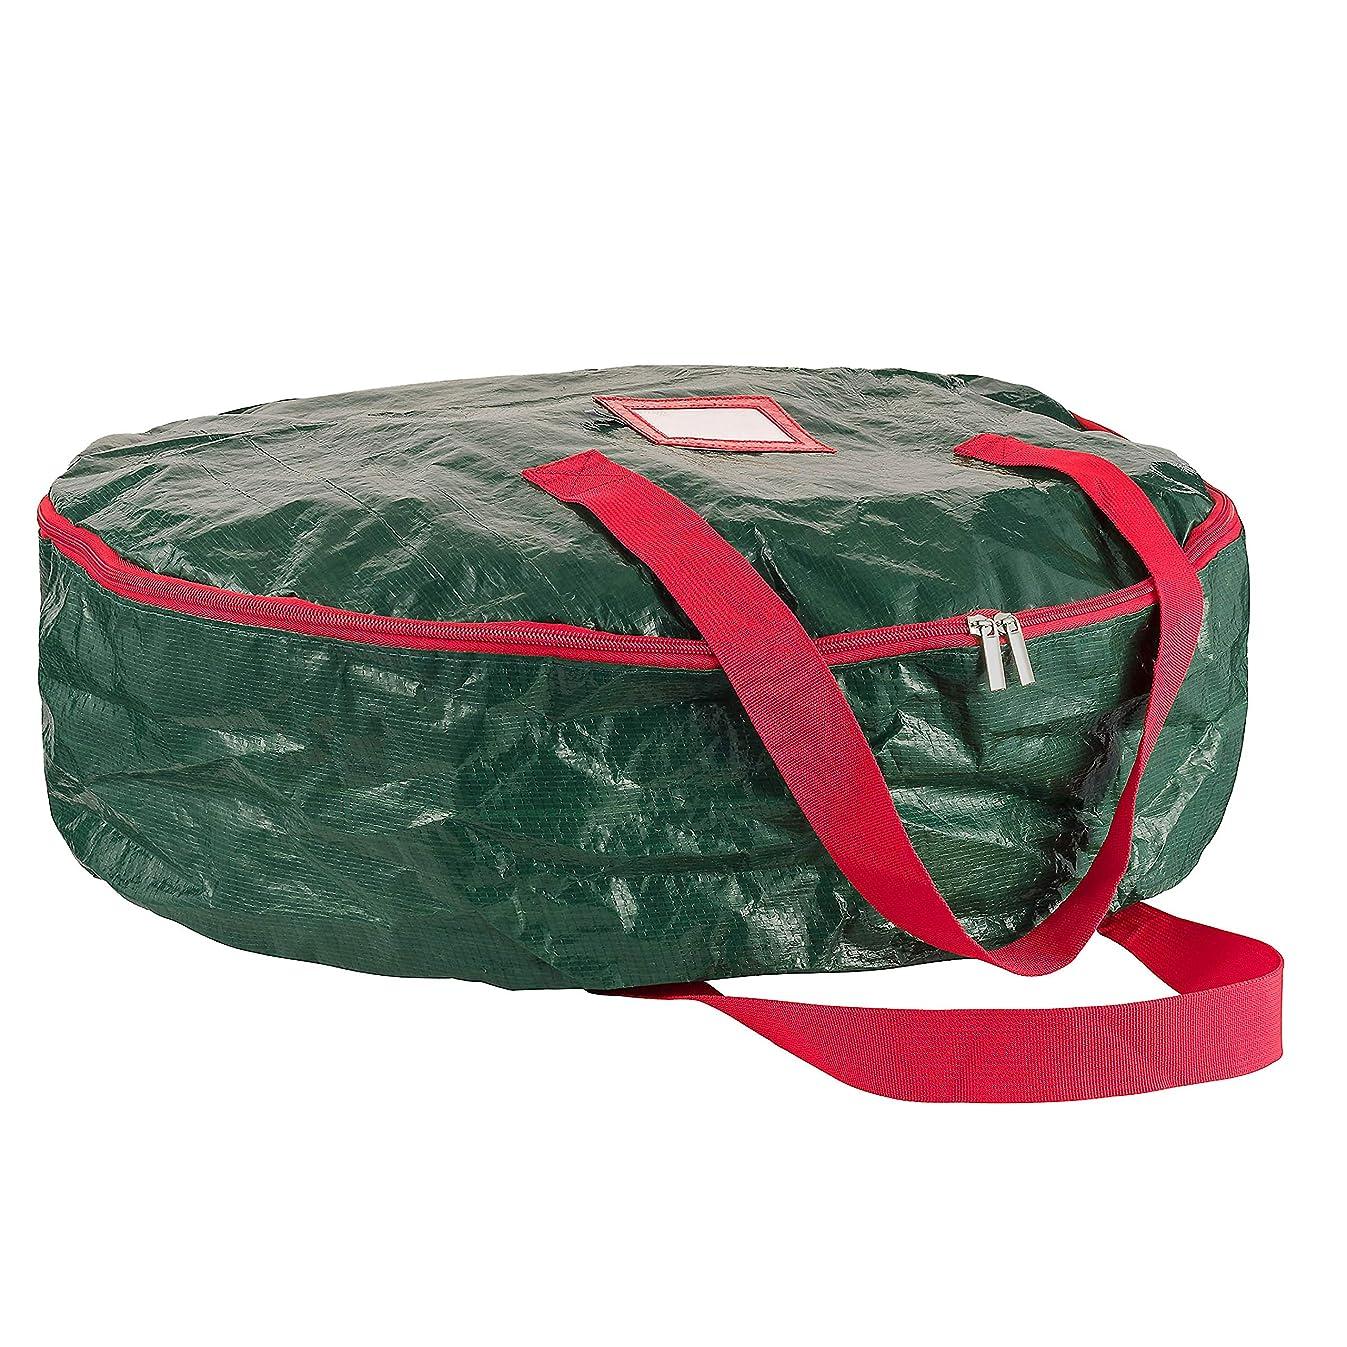 ZOBER Christmas Wreath Storage Bag 36